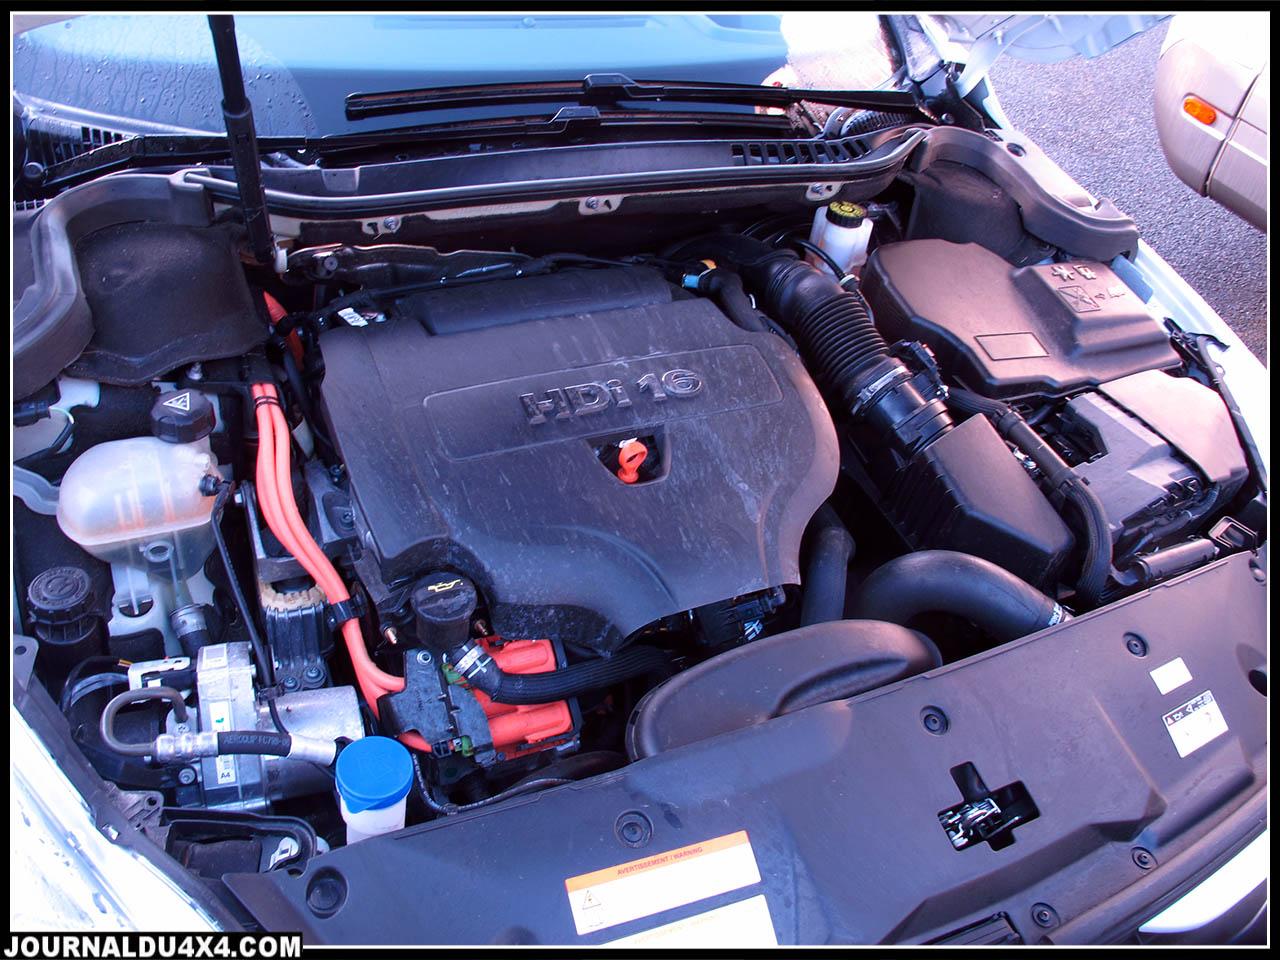 Moteur   508 RXH   : 4 cyl. En ligne HDI 1997 cm3 + moteur électrique de 27Kw